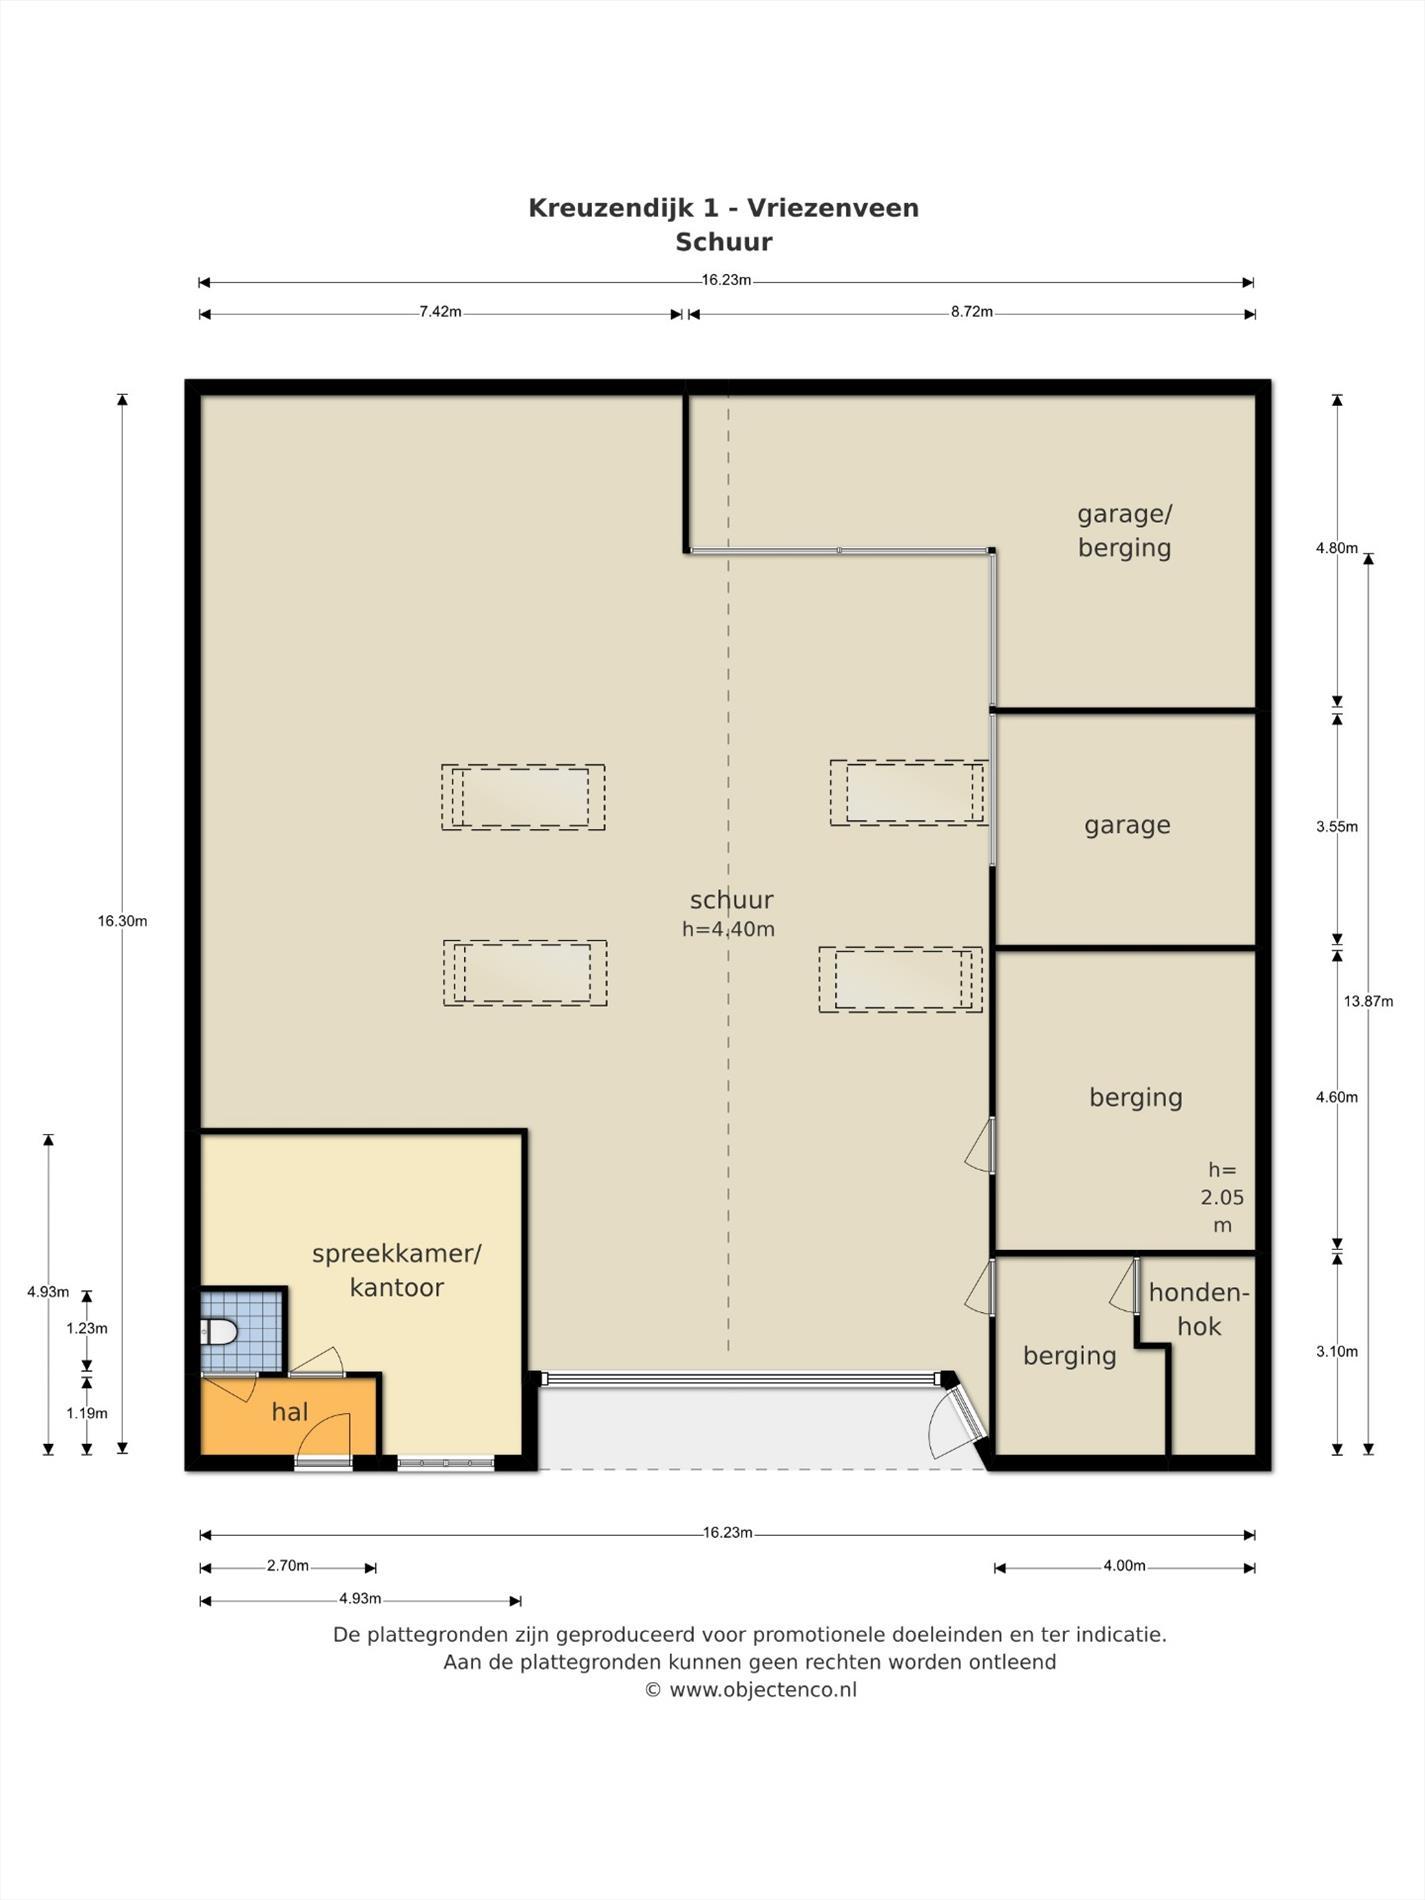 Floorplan - Kreuzendijk 1, 7671 SC Vriezenveen